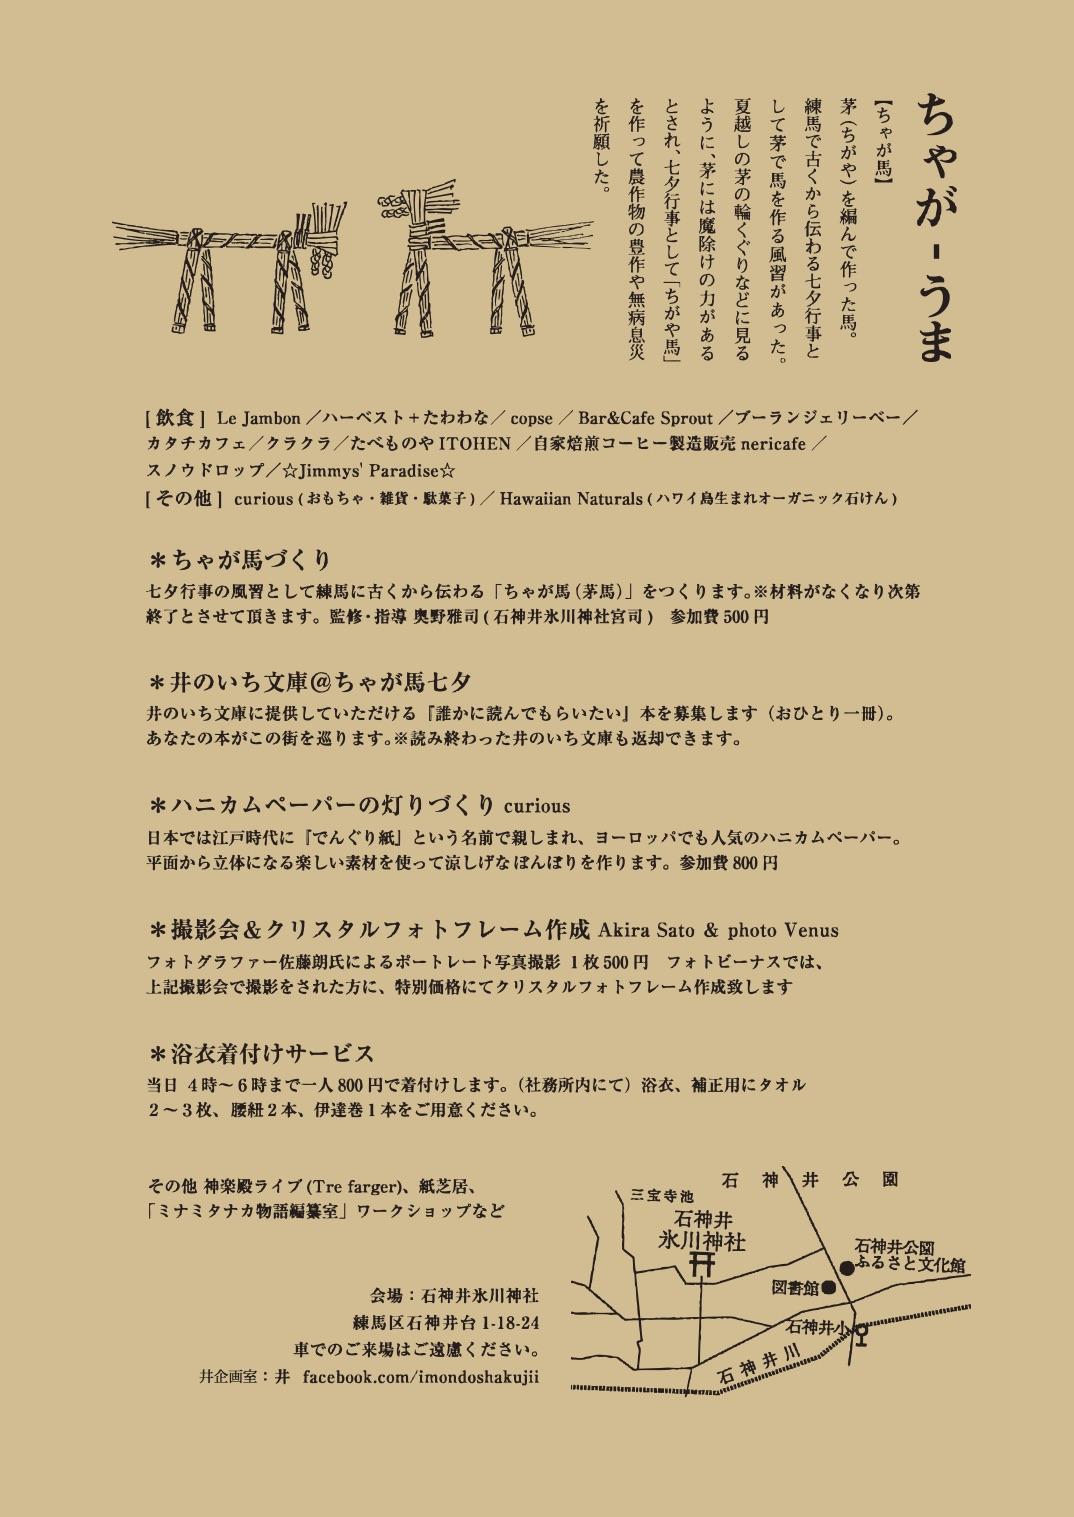 <ちゃが馬七夕>に出店いたします_c0248464_2025382.jpg